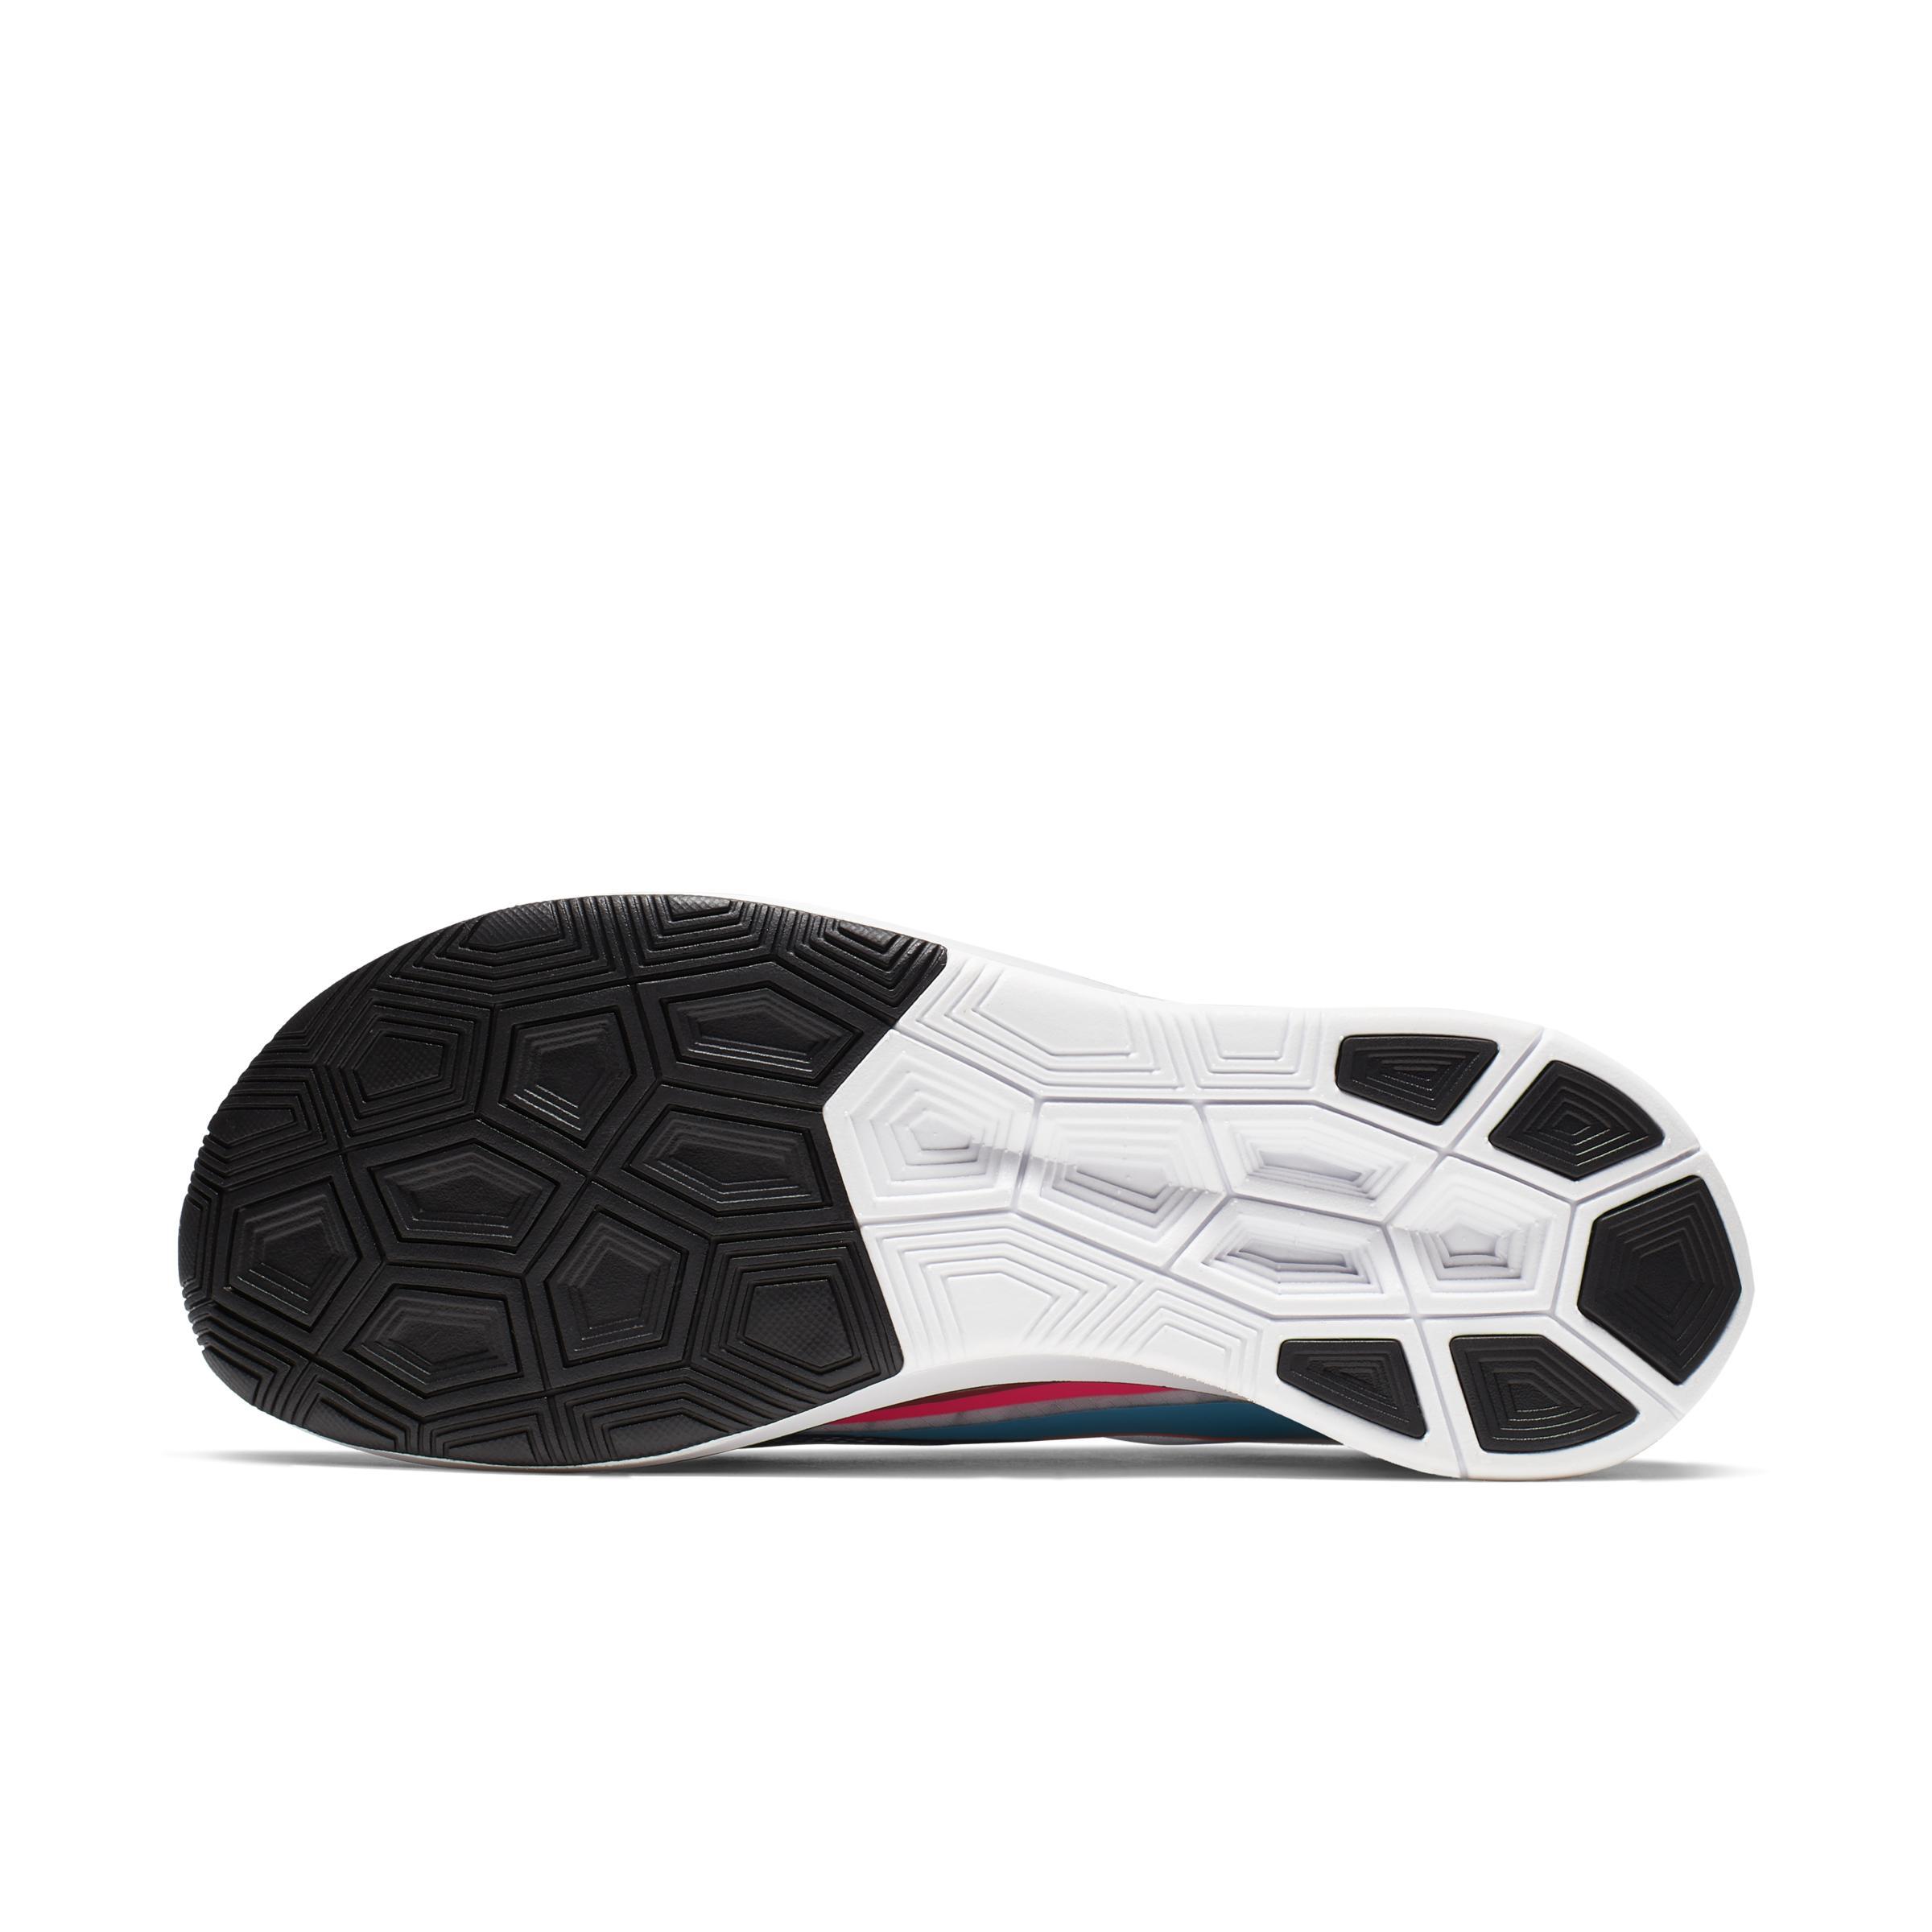 Zoom Fly SP Zapatillas de running Nike de Tejido sintético de color Blanco